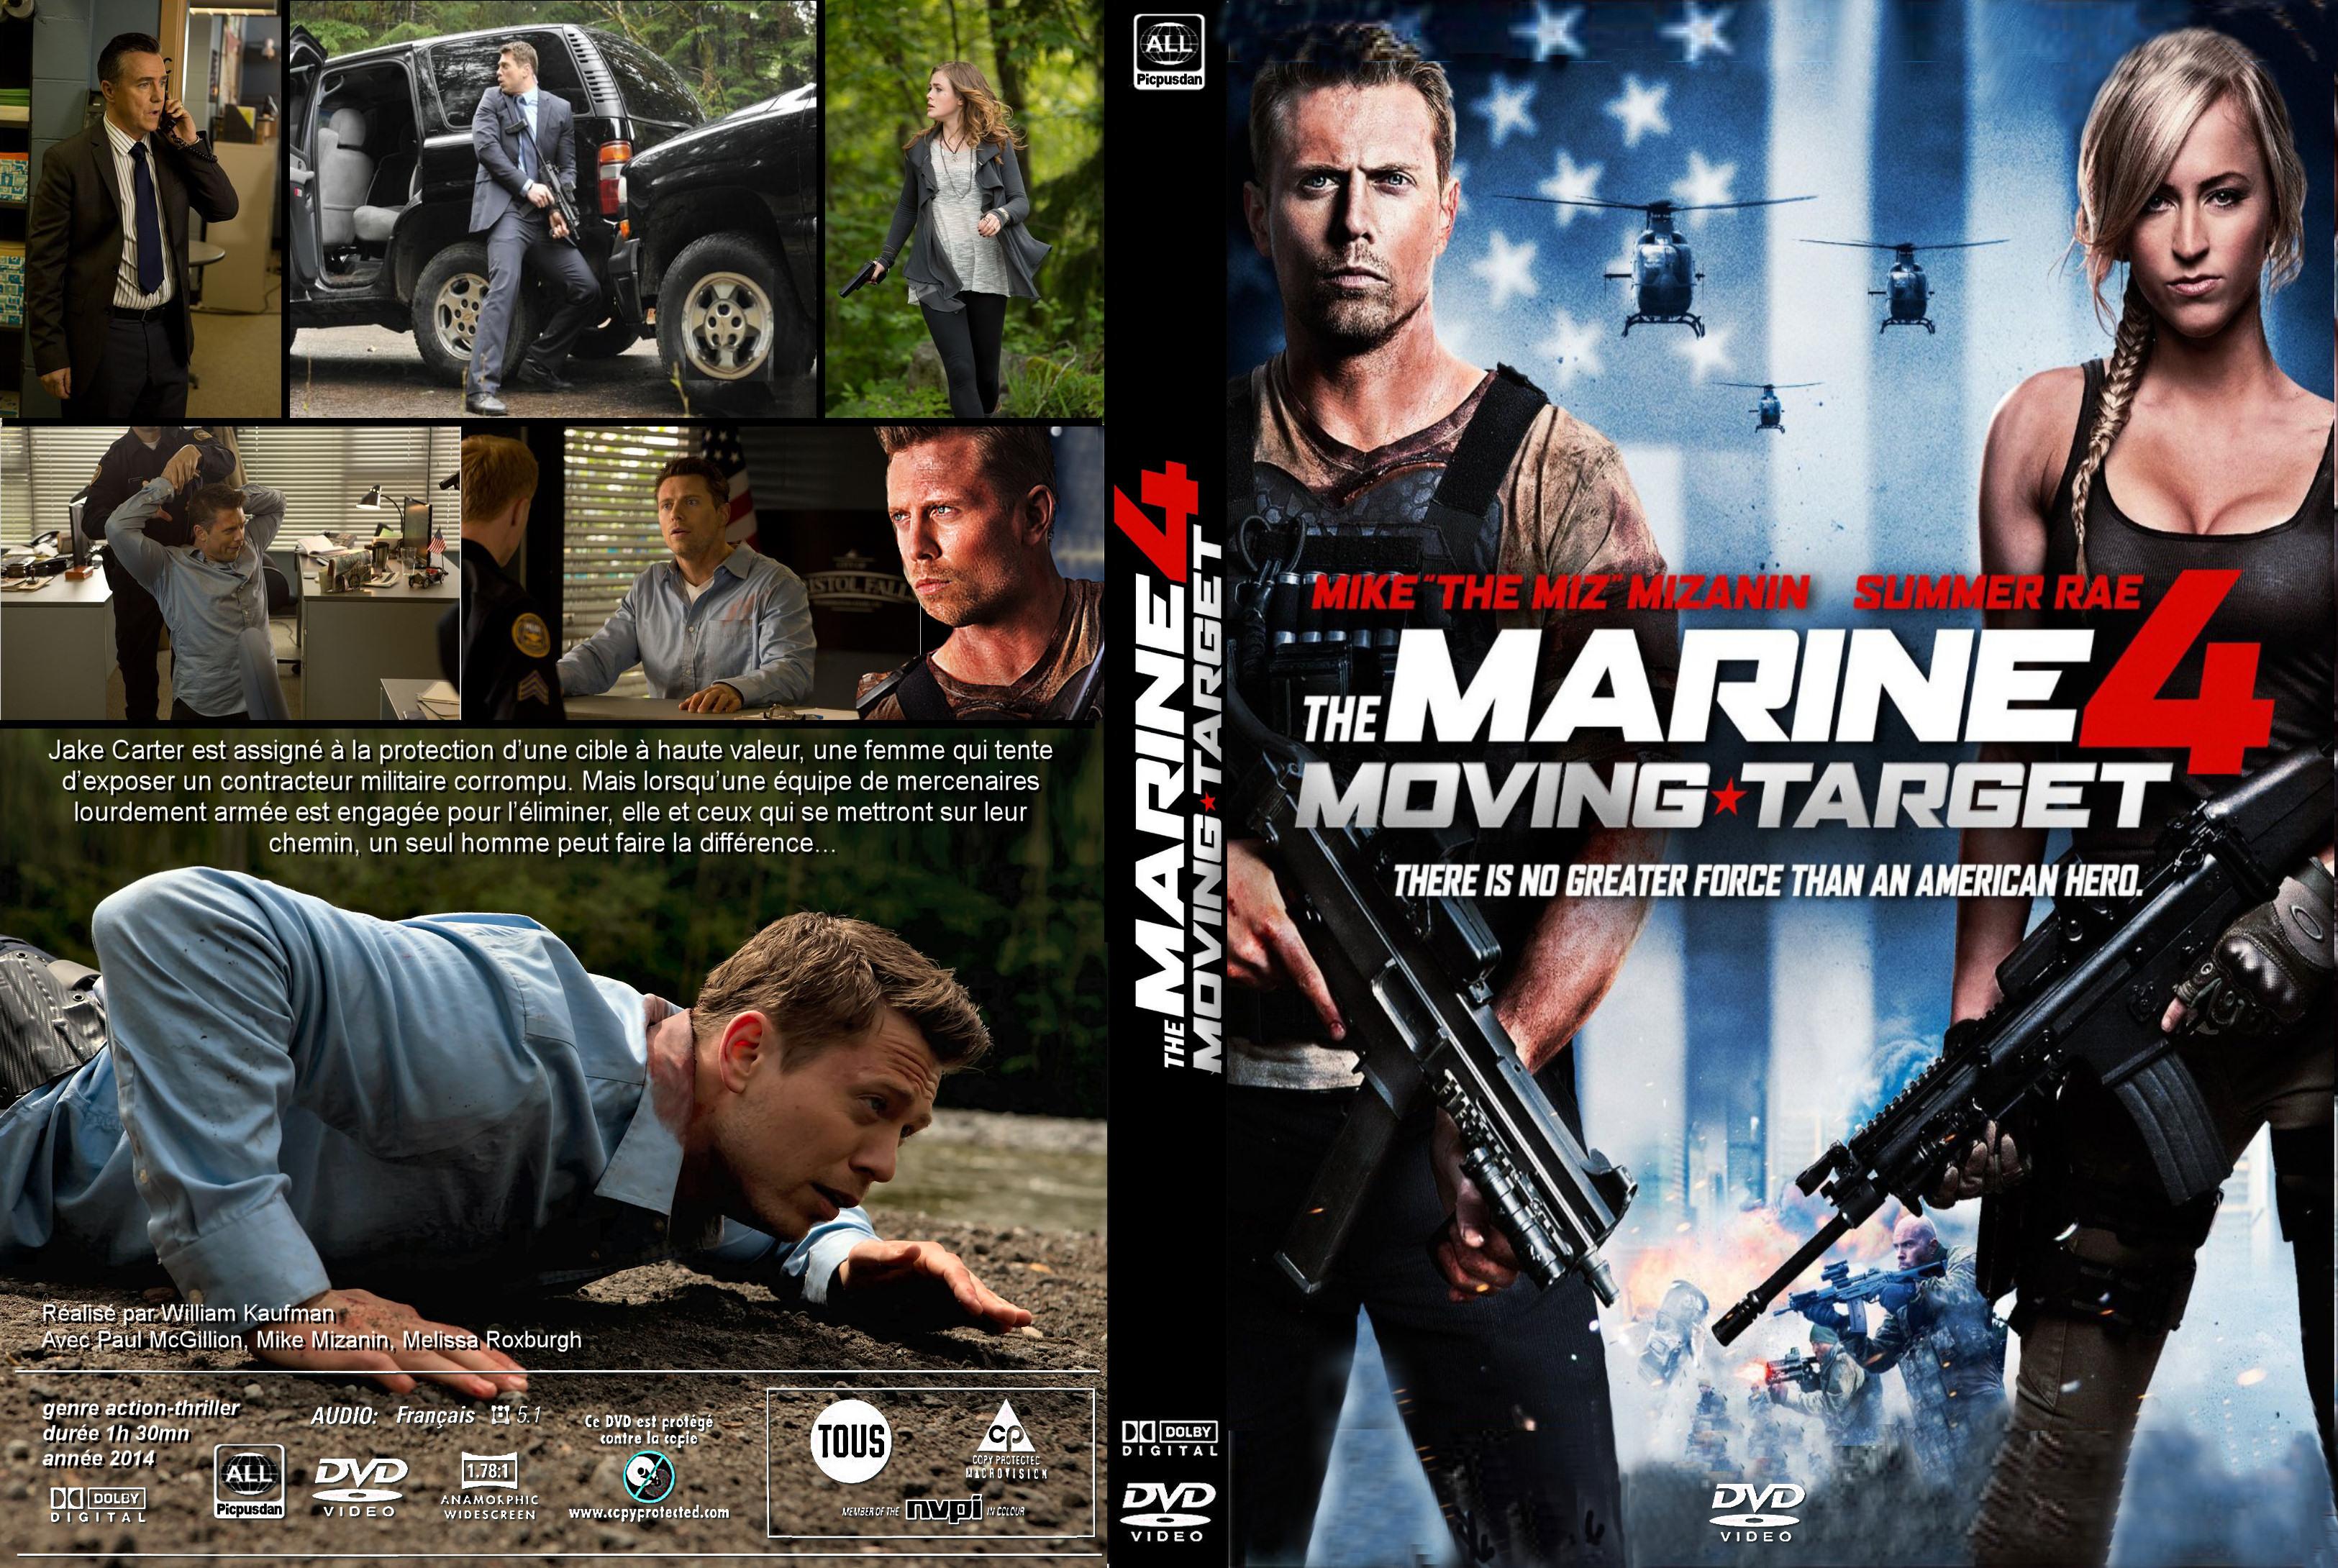 the marine 4 full movie free